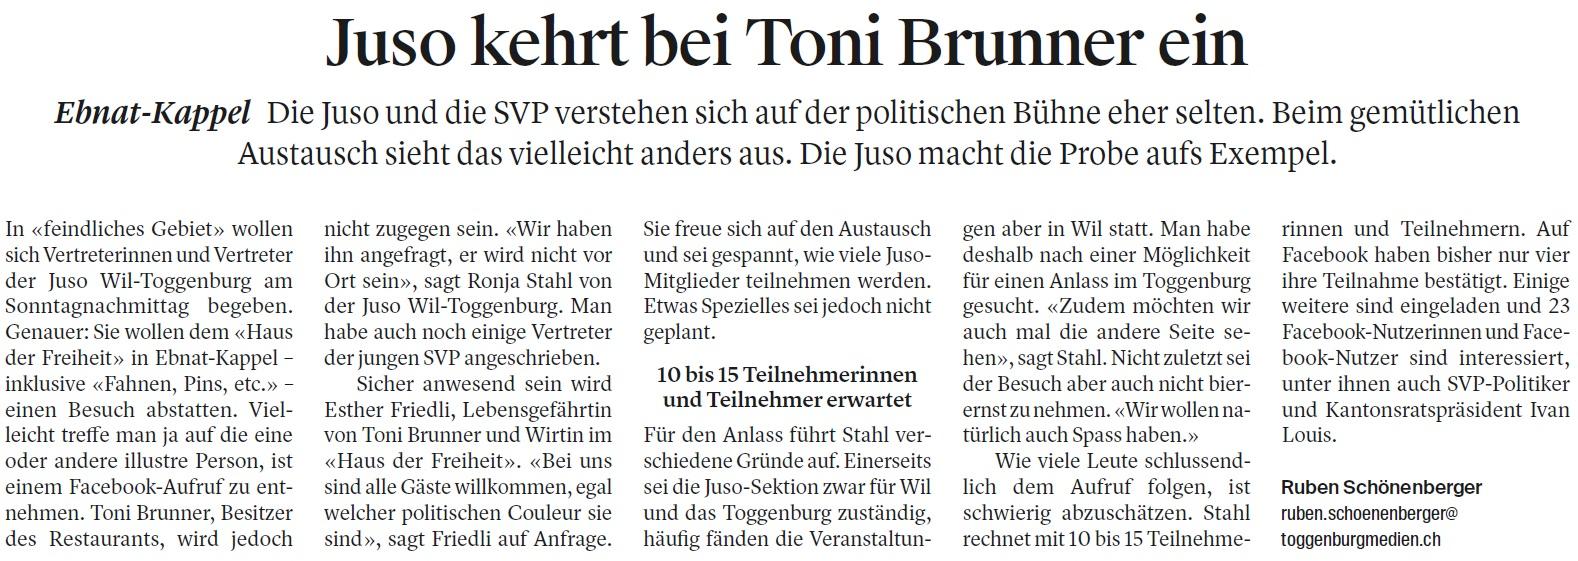 Juso kehrt bei Toni Brunner ein (Freitag, 27.04.2018)